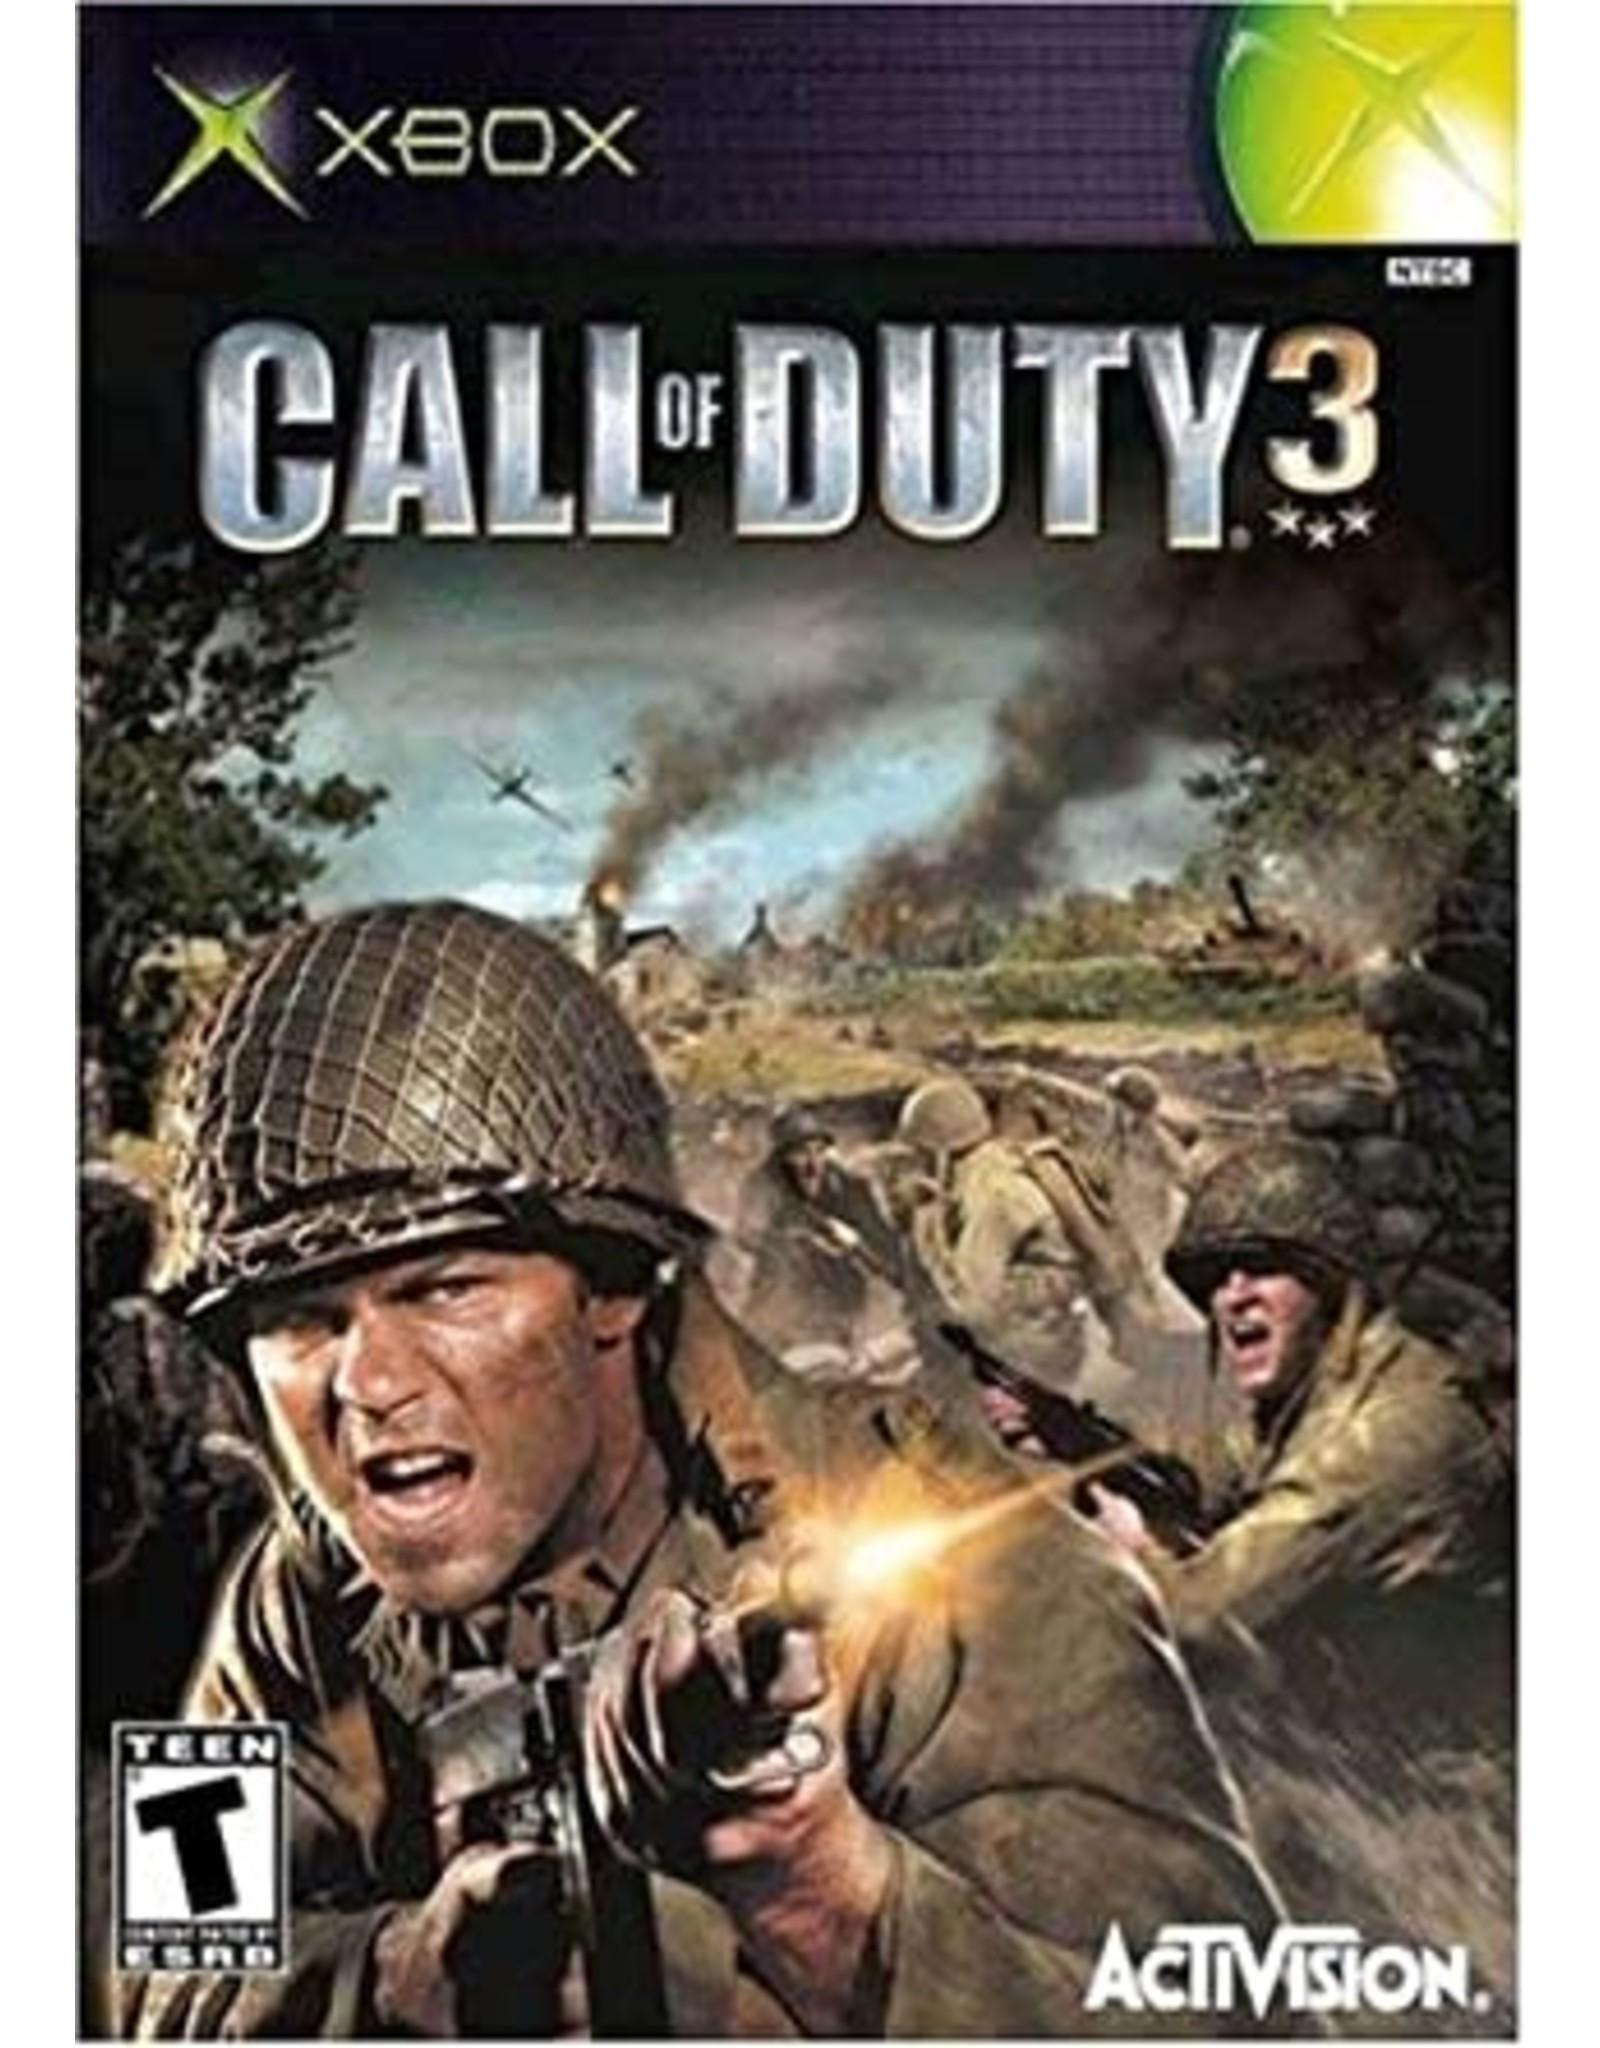 Xbox Call of Duty 3 (CiB)